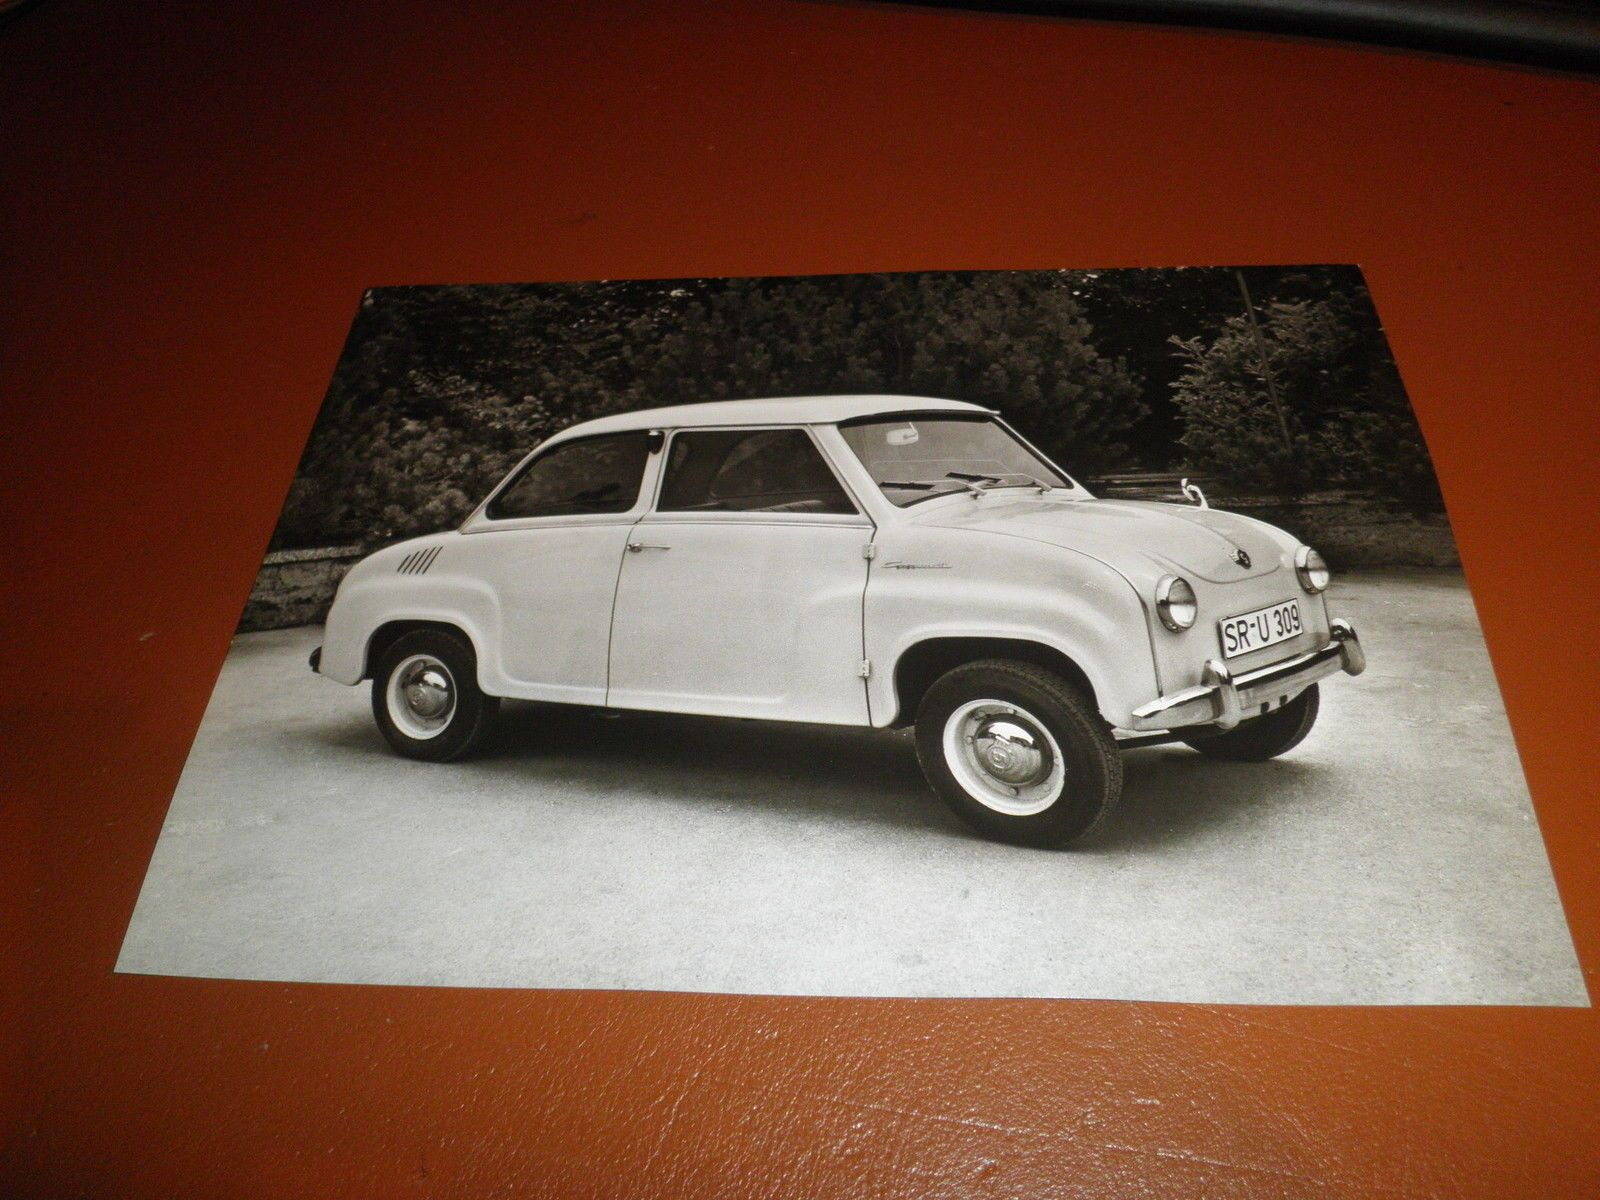 660a Archiv-/Pressefoto Glas Goggomobil Limousine, 1964- in Auto ...